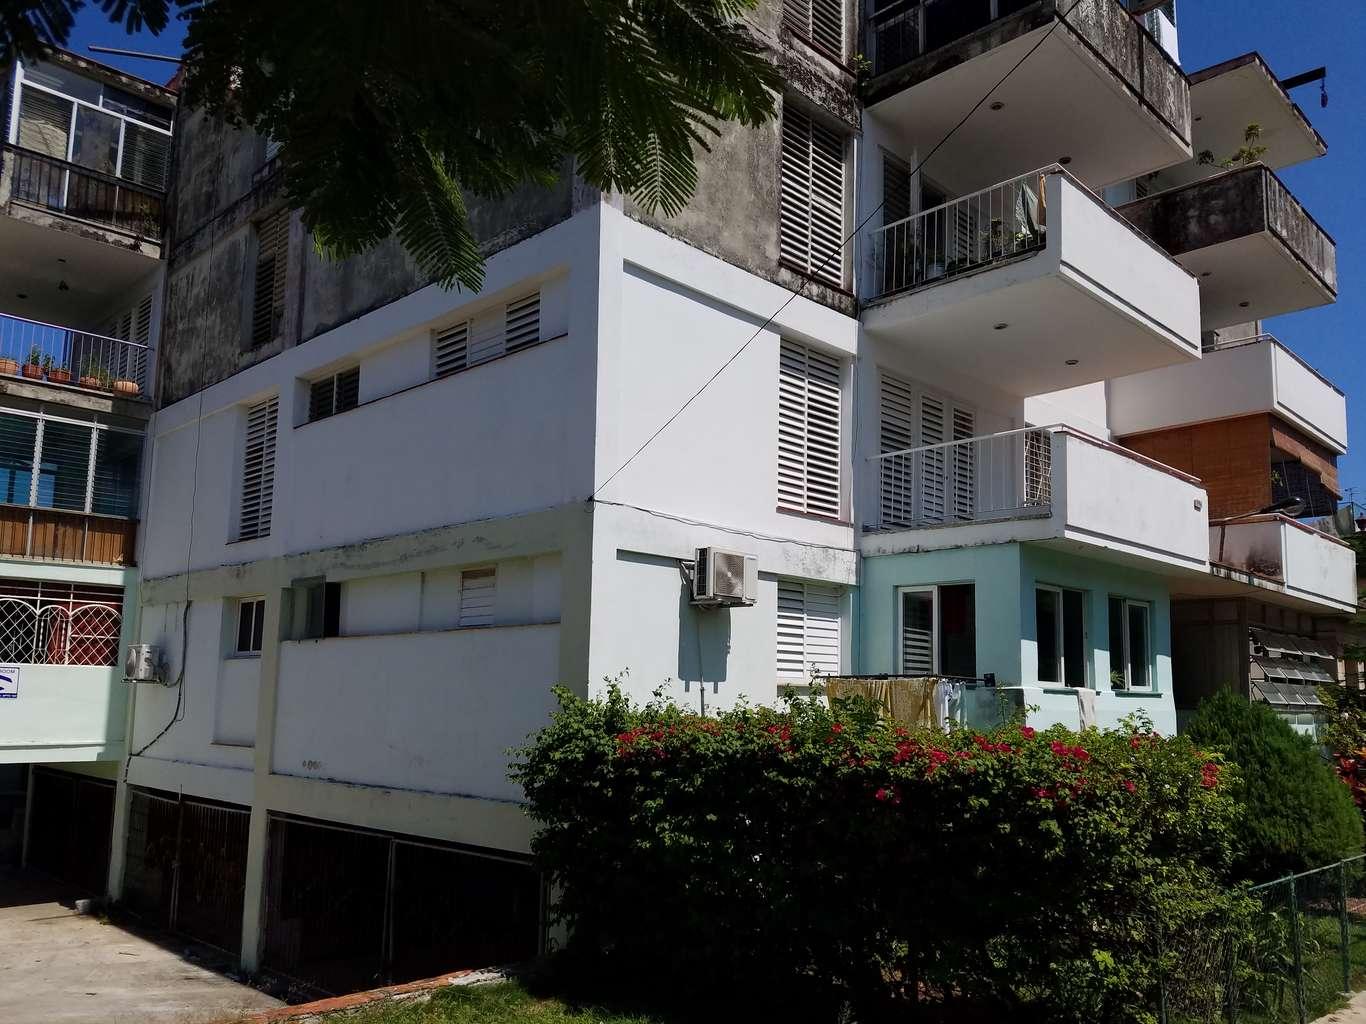 HEC1008: Casa de 2 cuartos, 2 baños y 1 garaje por $ 120.000 en Plaza de la Revolución, La Habana